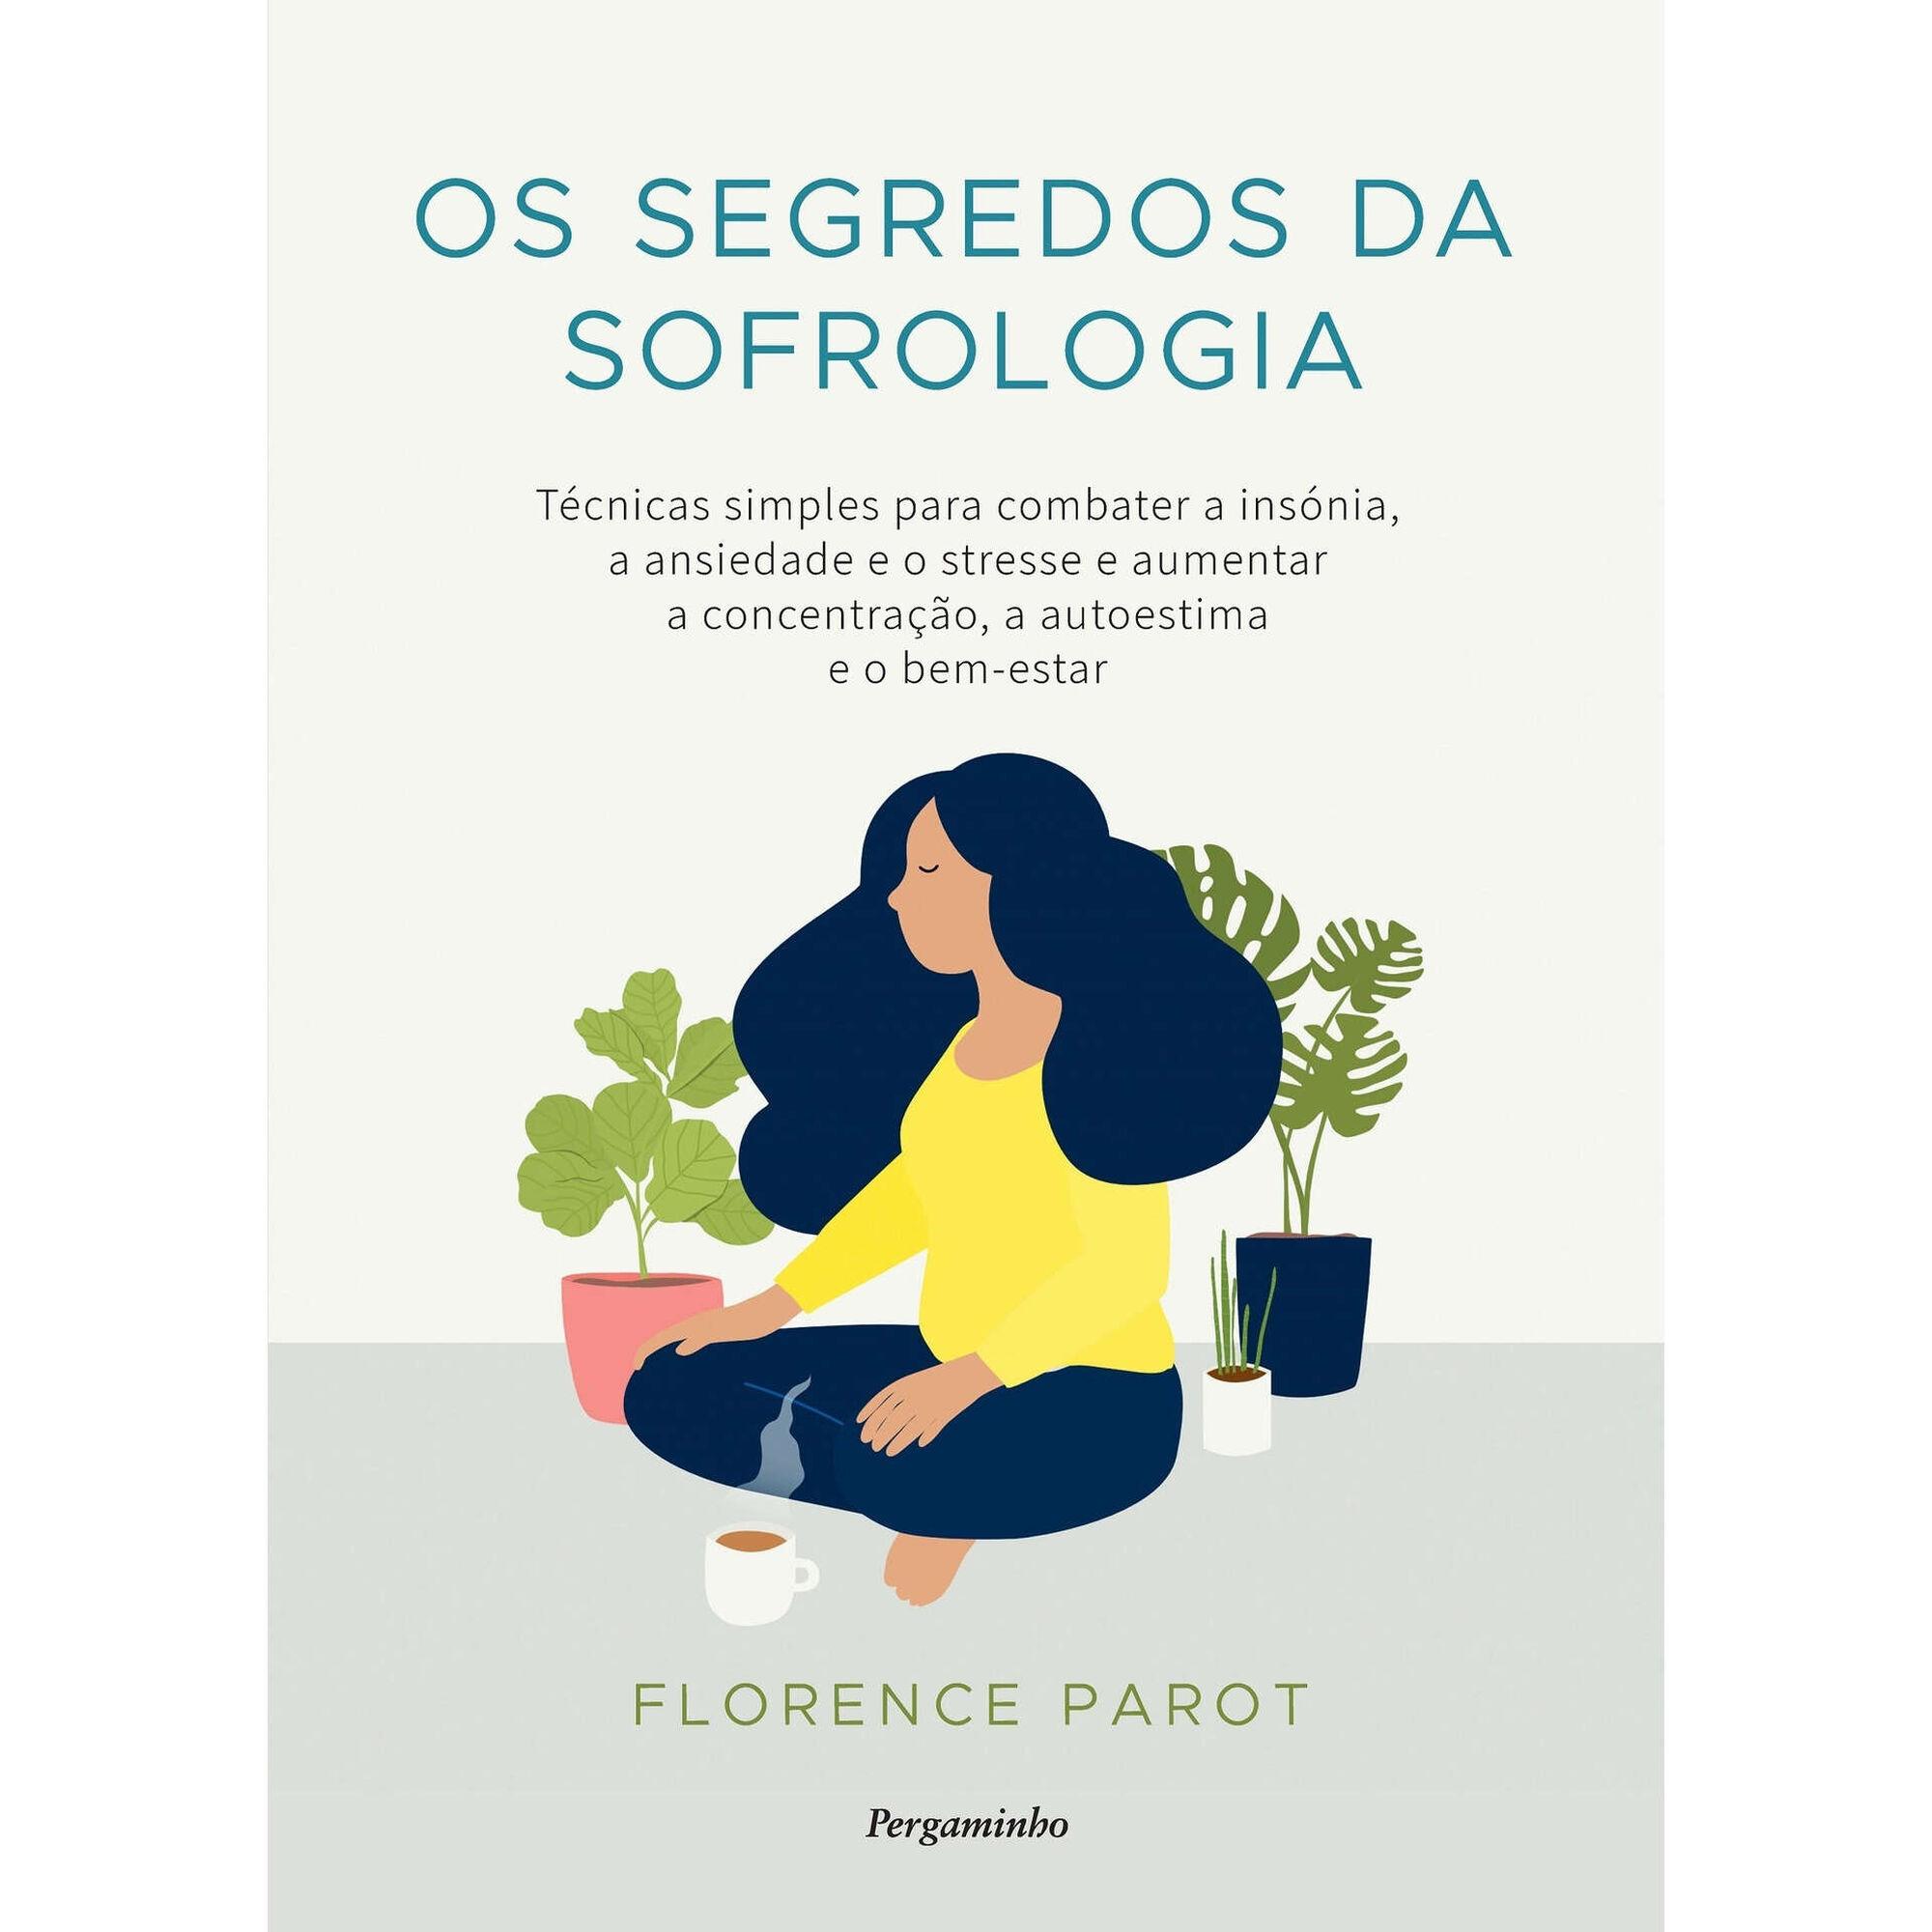 Os Segredos da Sofrologia